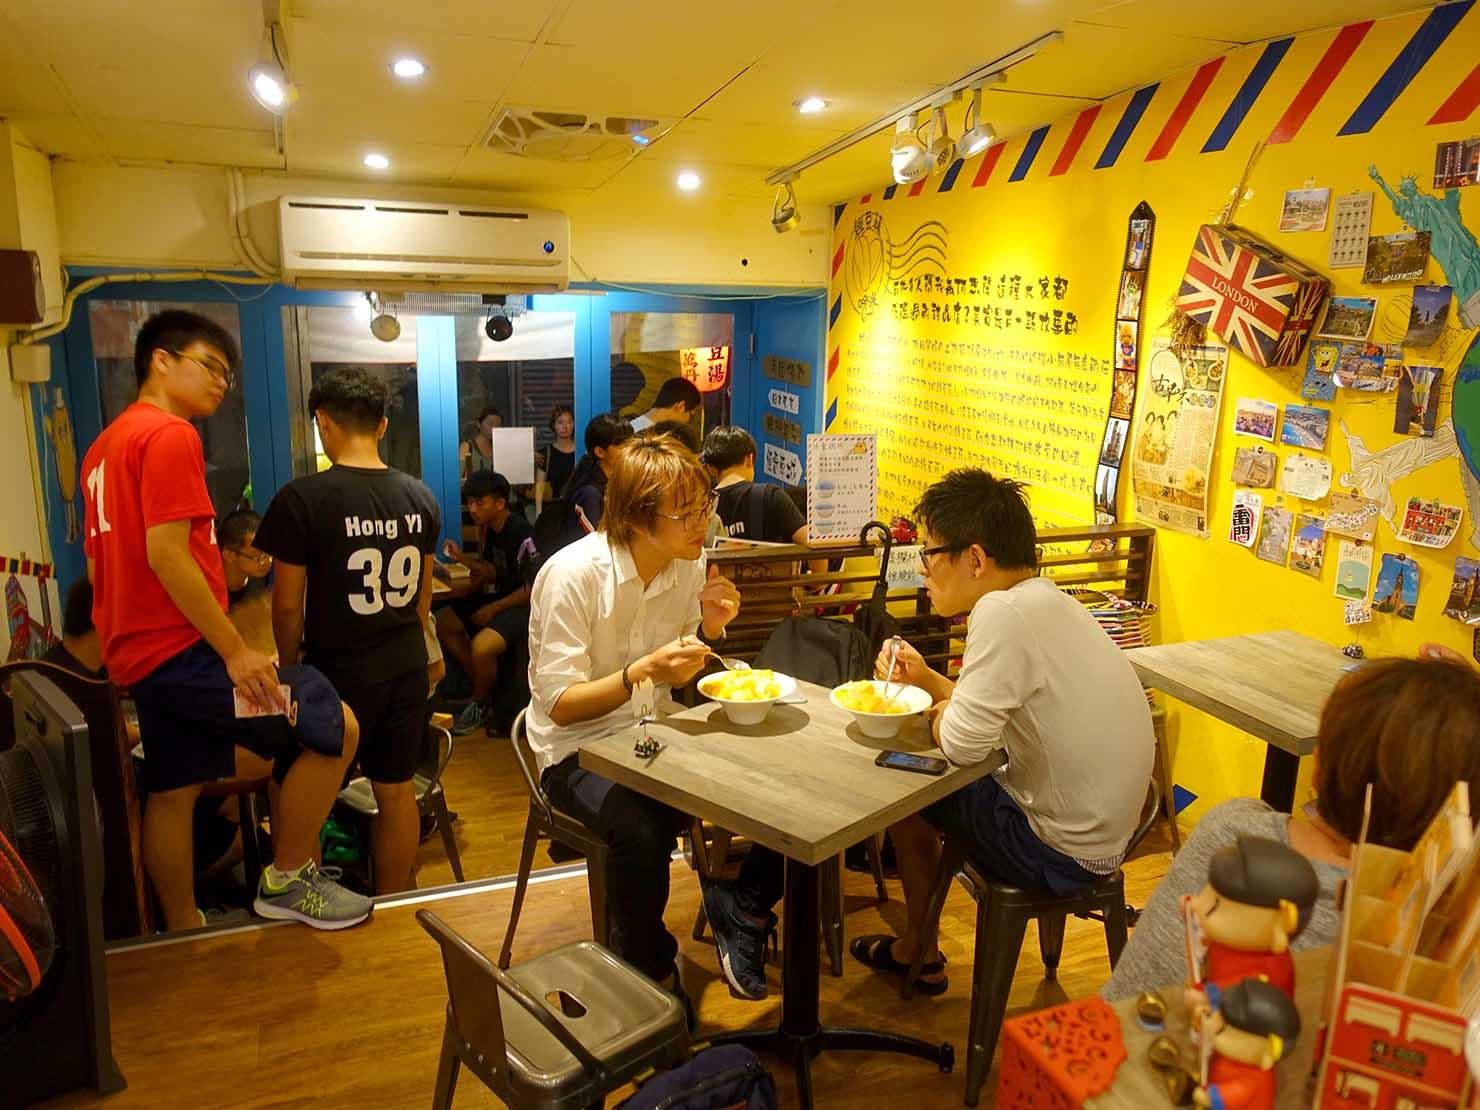 台北・松江南京駅(四平街商圈)周辺のおすすめグルメ店「綠豆蒜啥米」の店内